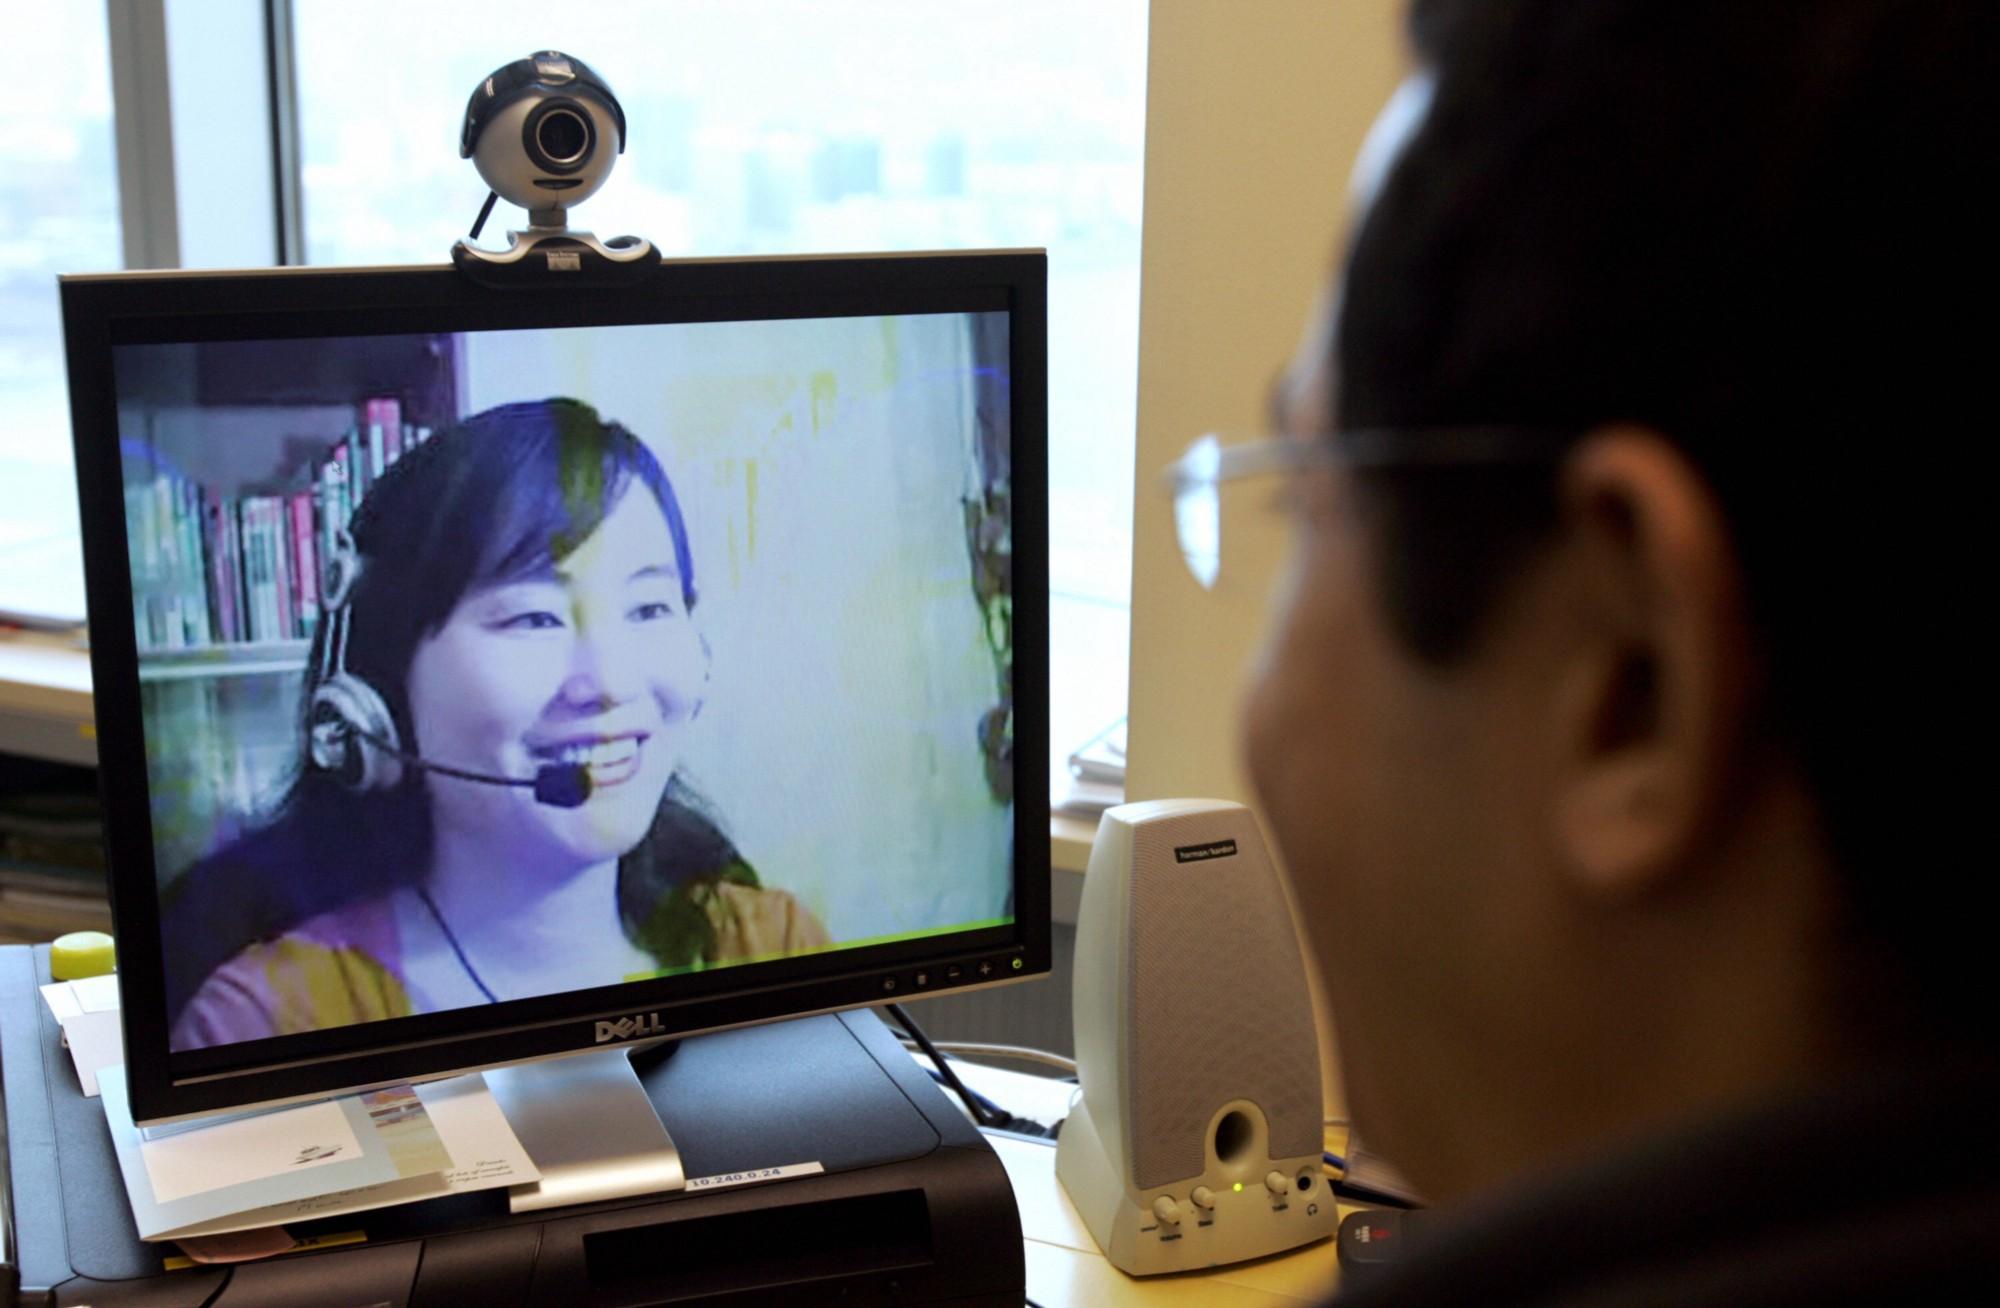 Как настроить камеру в Скайпе: Вливаемся в поток видео-общения